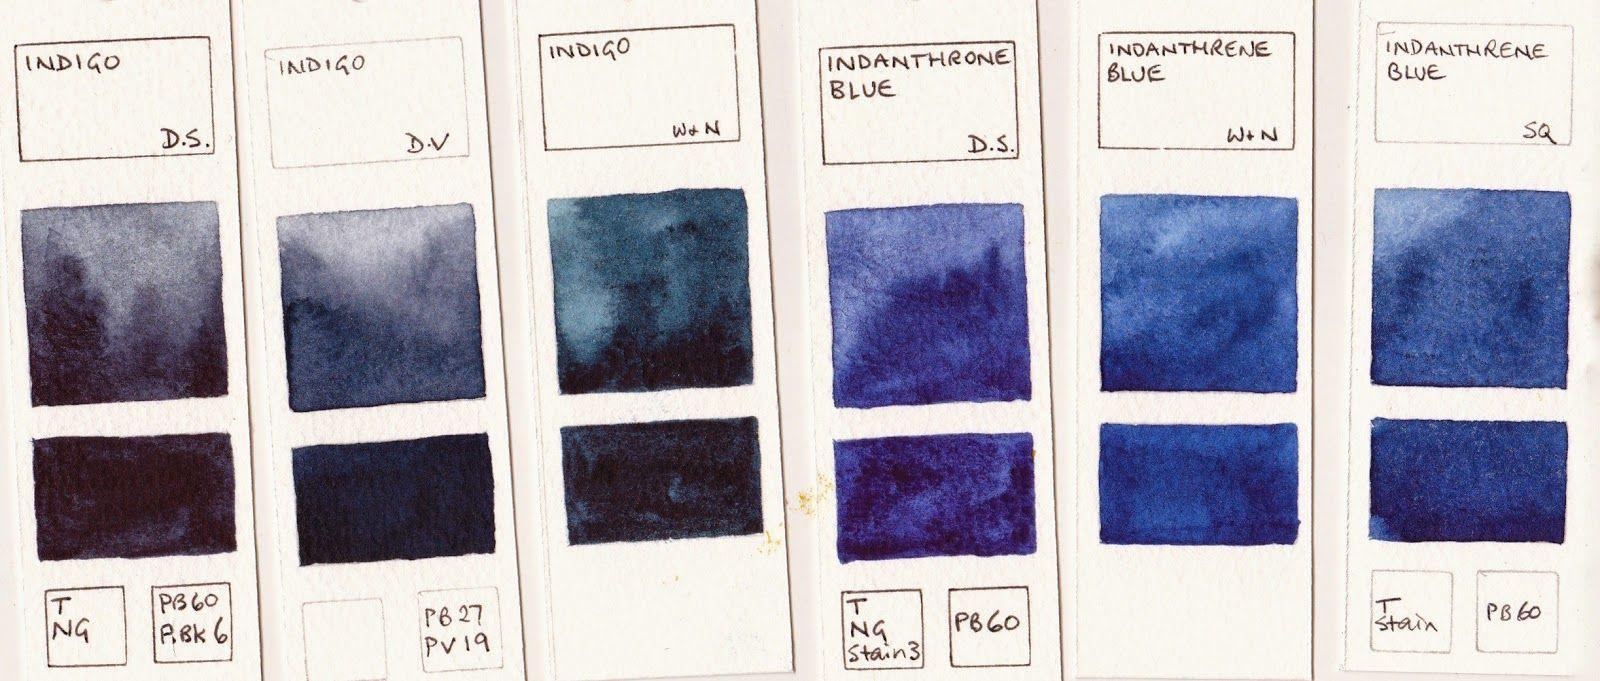 Watercolour Comparisons 8 Blues Basic Art Techniques Blue